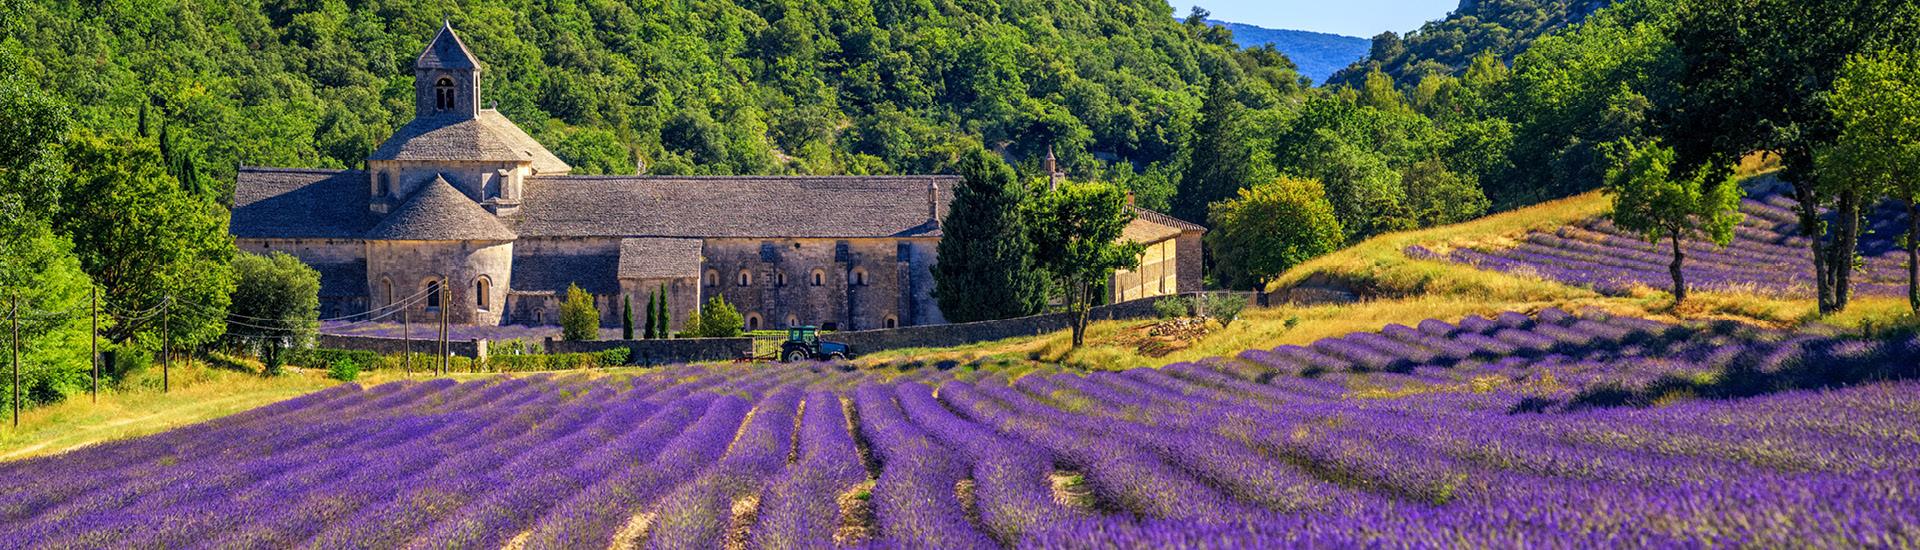 Weine - Vinorama on Tour: Bon Voyage - eine Weinreise durch Frankreich 02/2019 - Slider